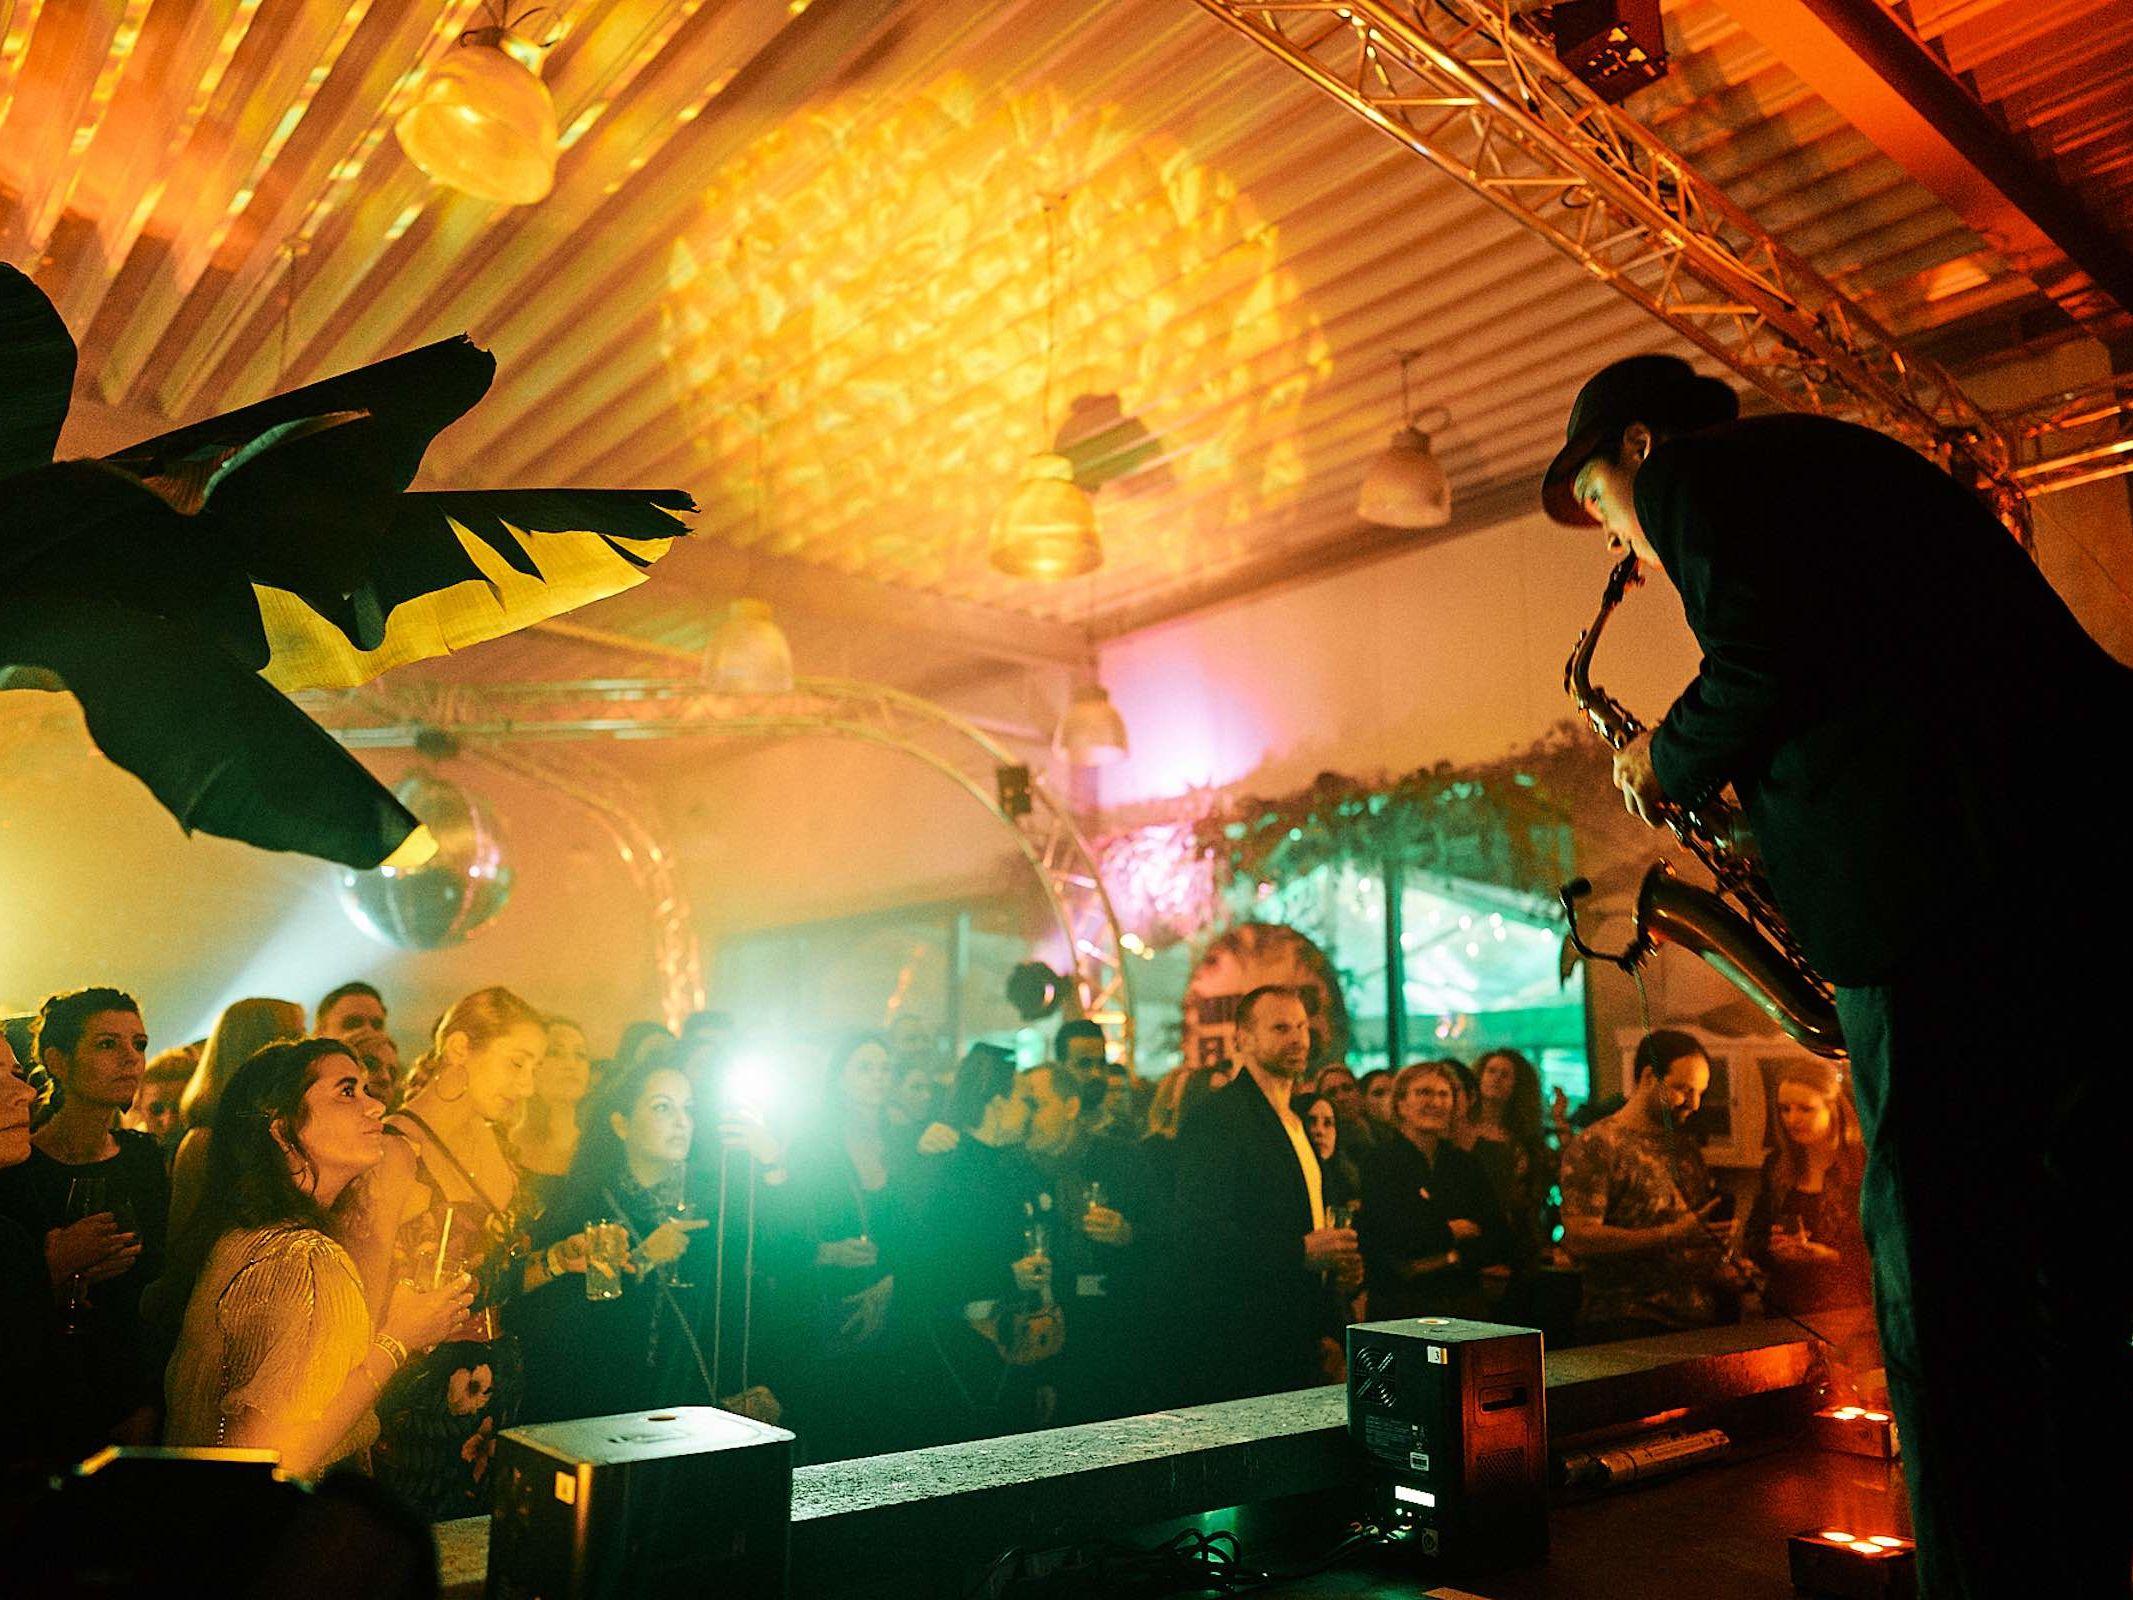 Saxophonist | Hochzeit | Sommerfest | Hochzeit | Gala | Firmenfeier | Saxophon | Buchen | Empfang | Party | Buchen | Livemusik | House | Electro | Pop | Party | Event | Empfang | Messe | Mieten | Braunschweig | Hannover | Hameln